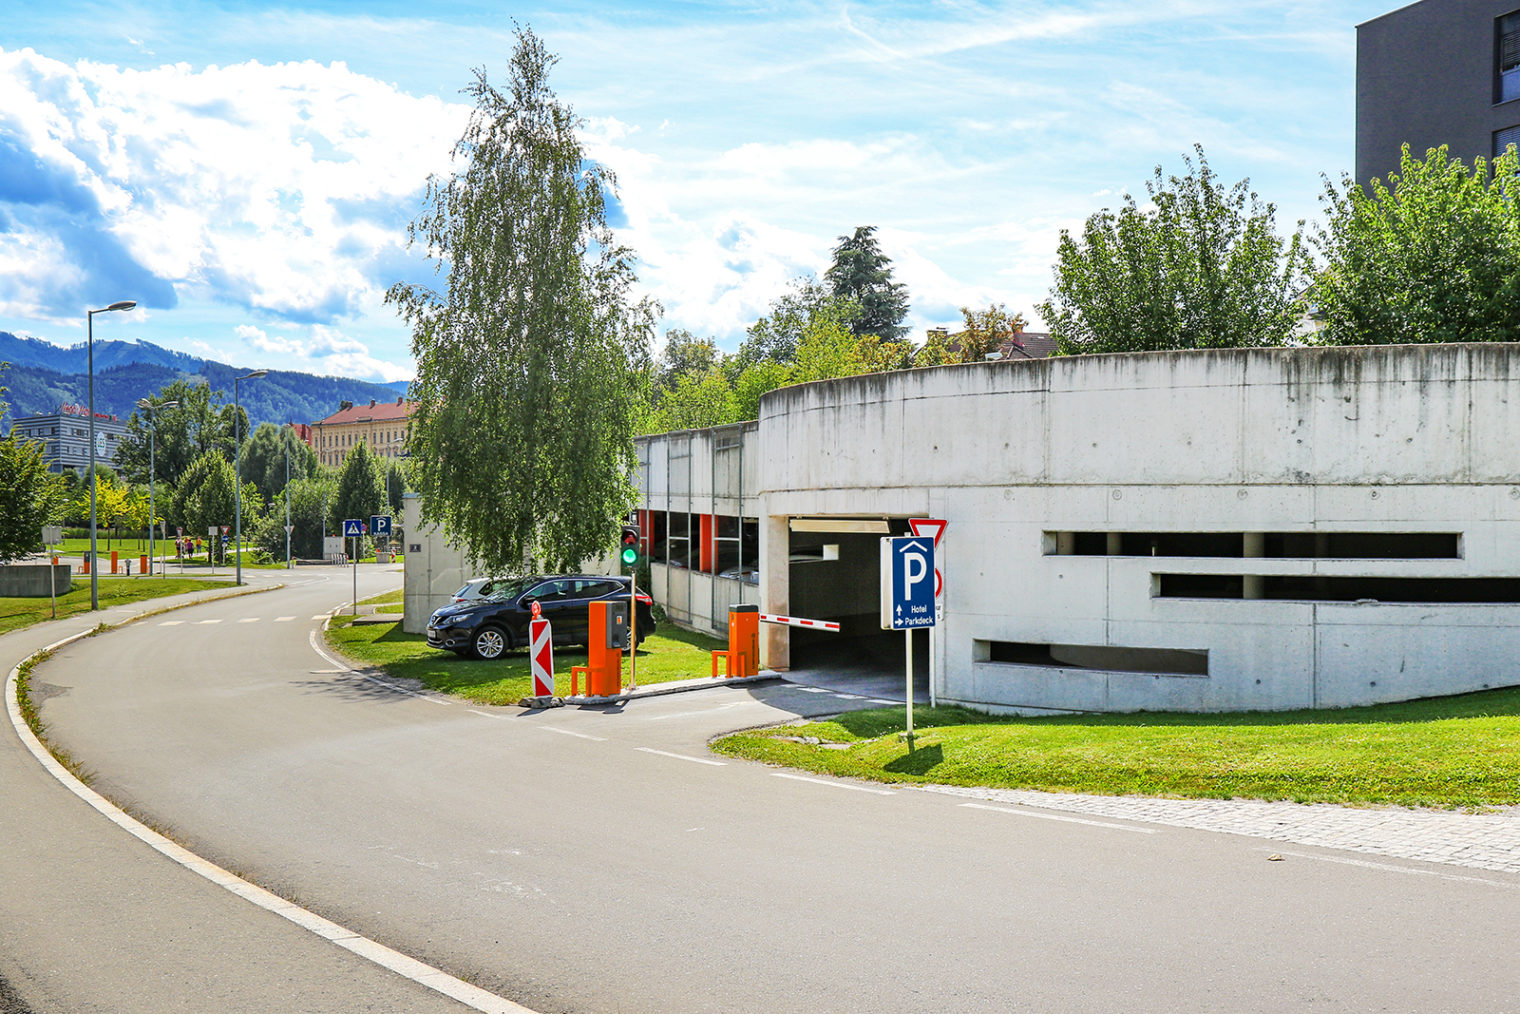 Entrance to the Asia Spa Car Park Leoben